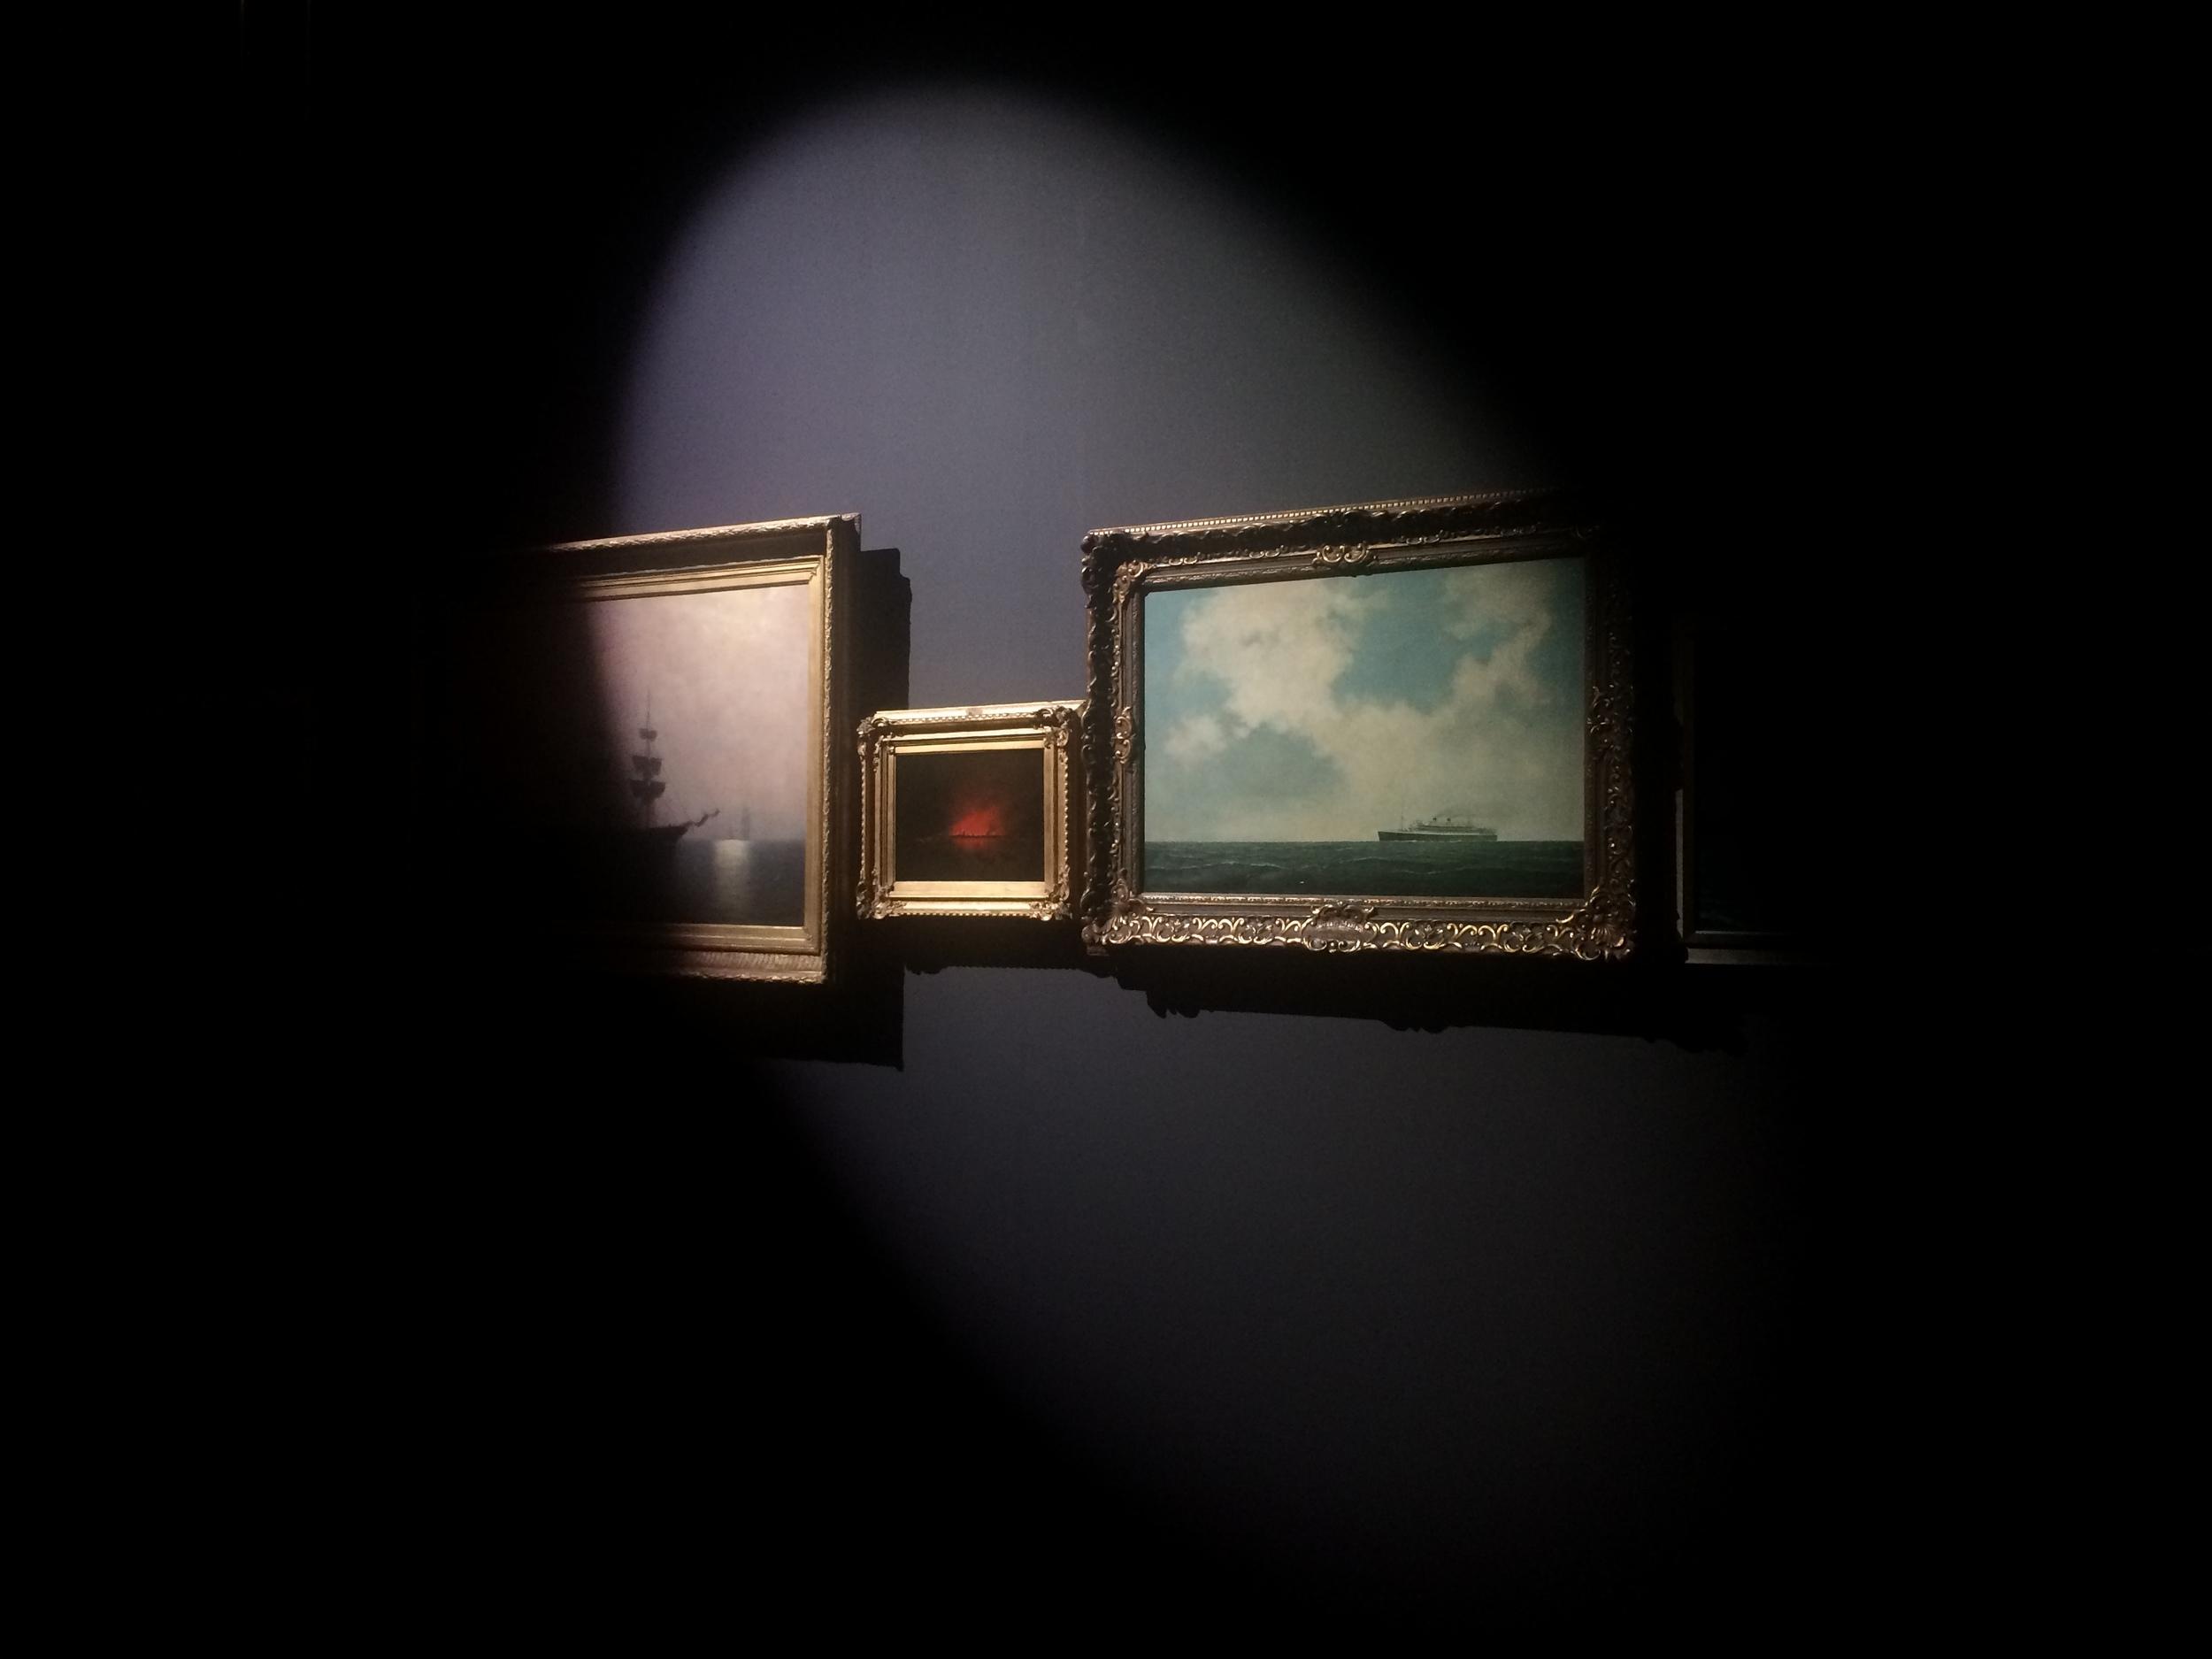 Daan Roosegaarde hing zeegezichten uit het Scheepvaartmuseum in een zaal verlicht door het zoeklicht van een vuurtoren.